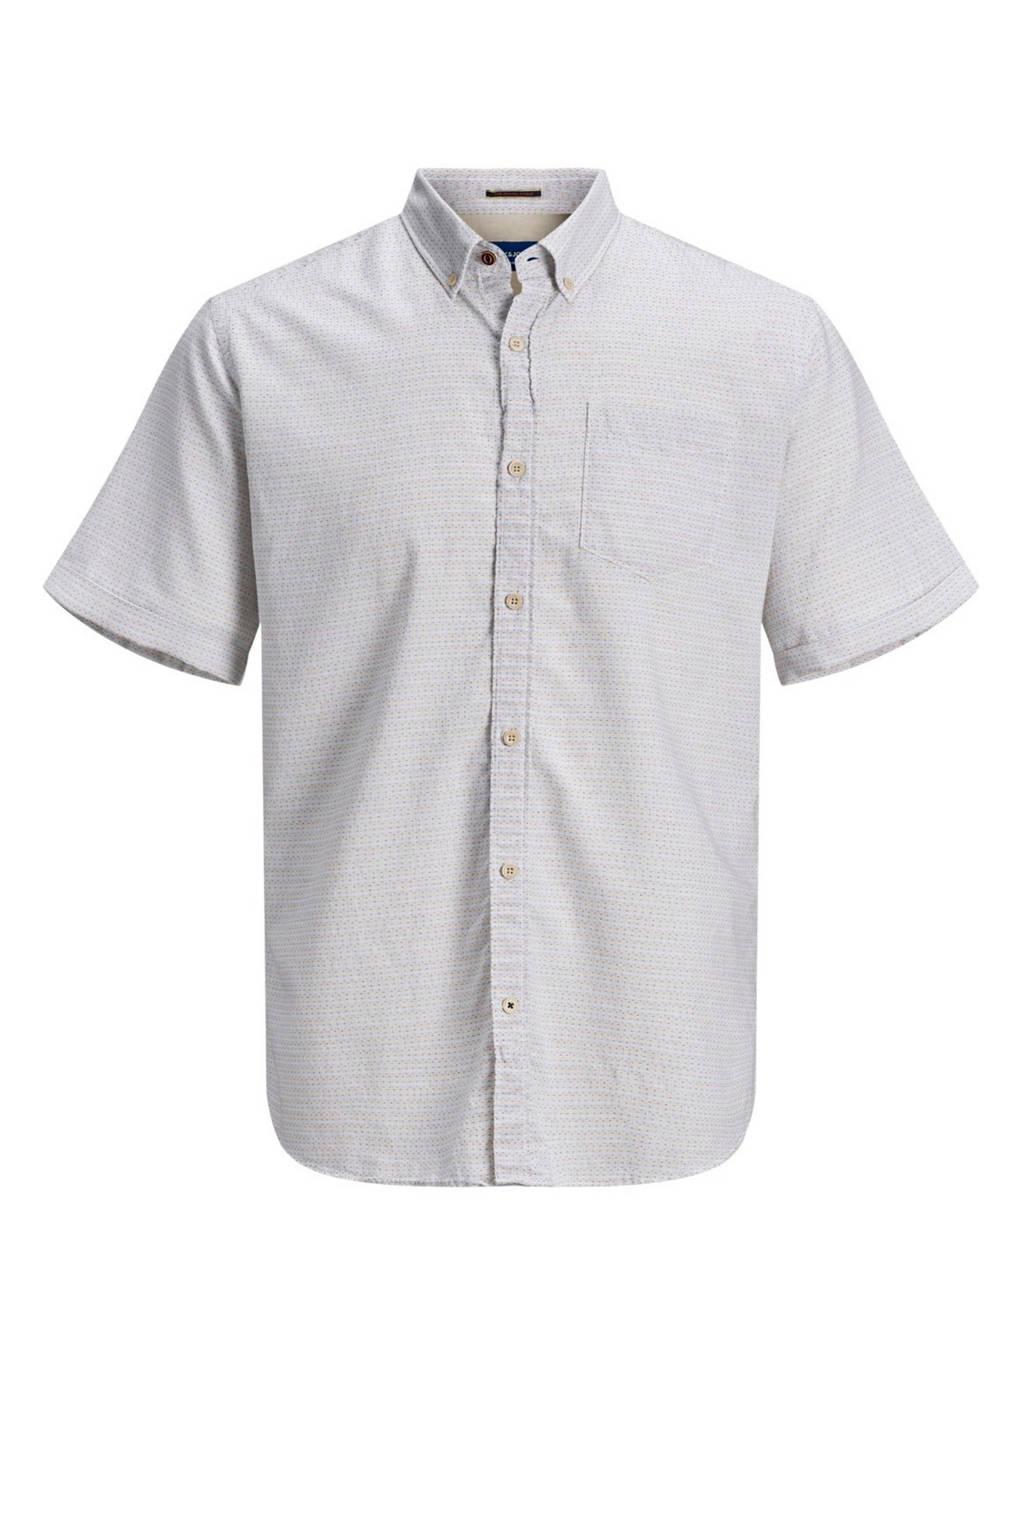 JACK & JONES ORIGINALS regular fit overhemd van biologisch katoen grijs, Grijs